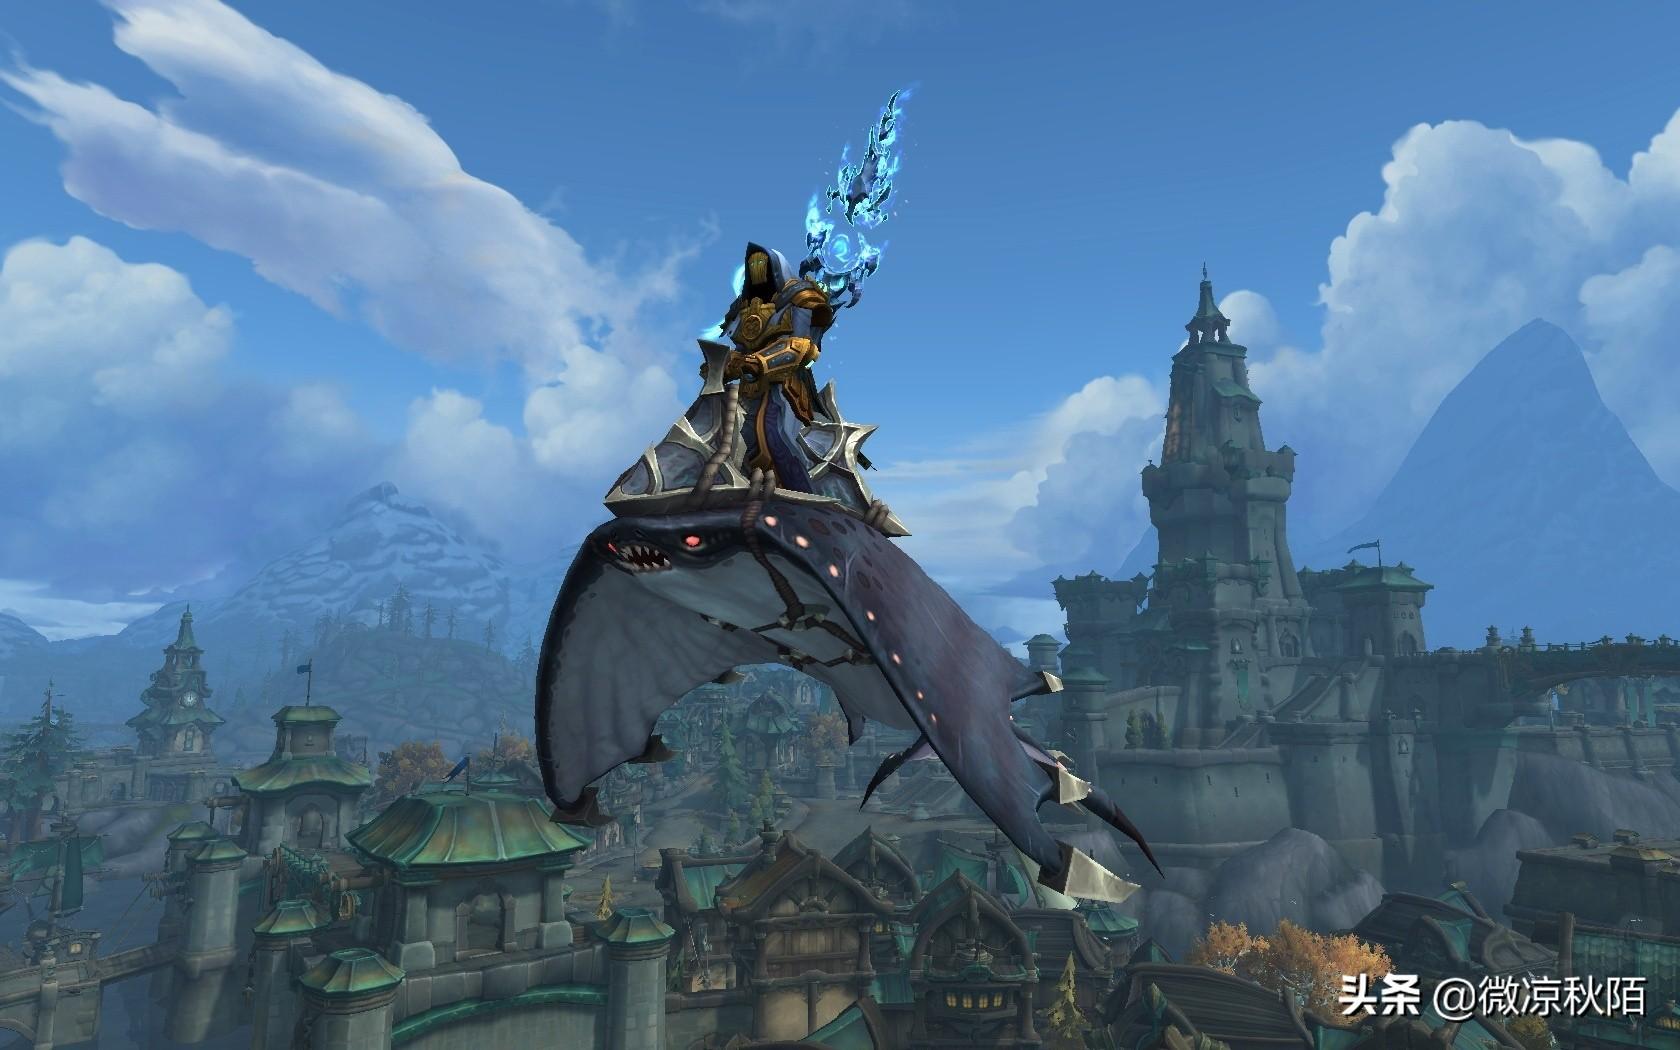 """魔兽世界:超二十万人投票,""""古树""""成最受欢迎的坐骑,蛛魔垫底"""